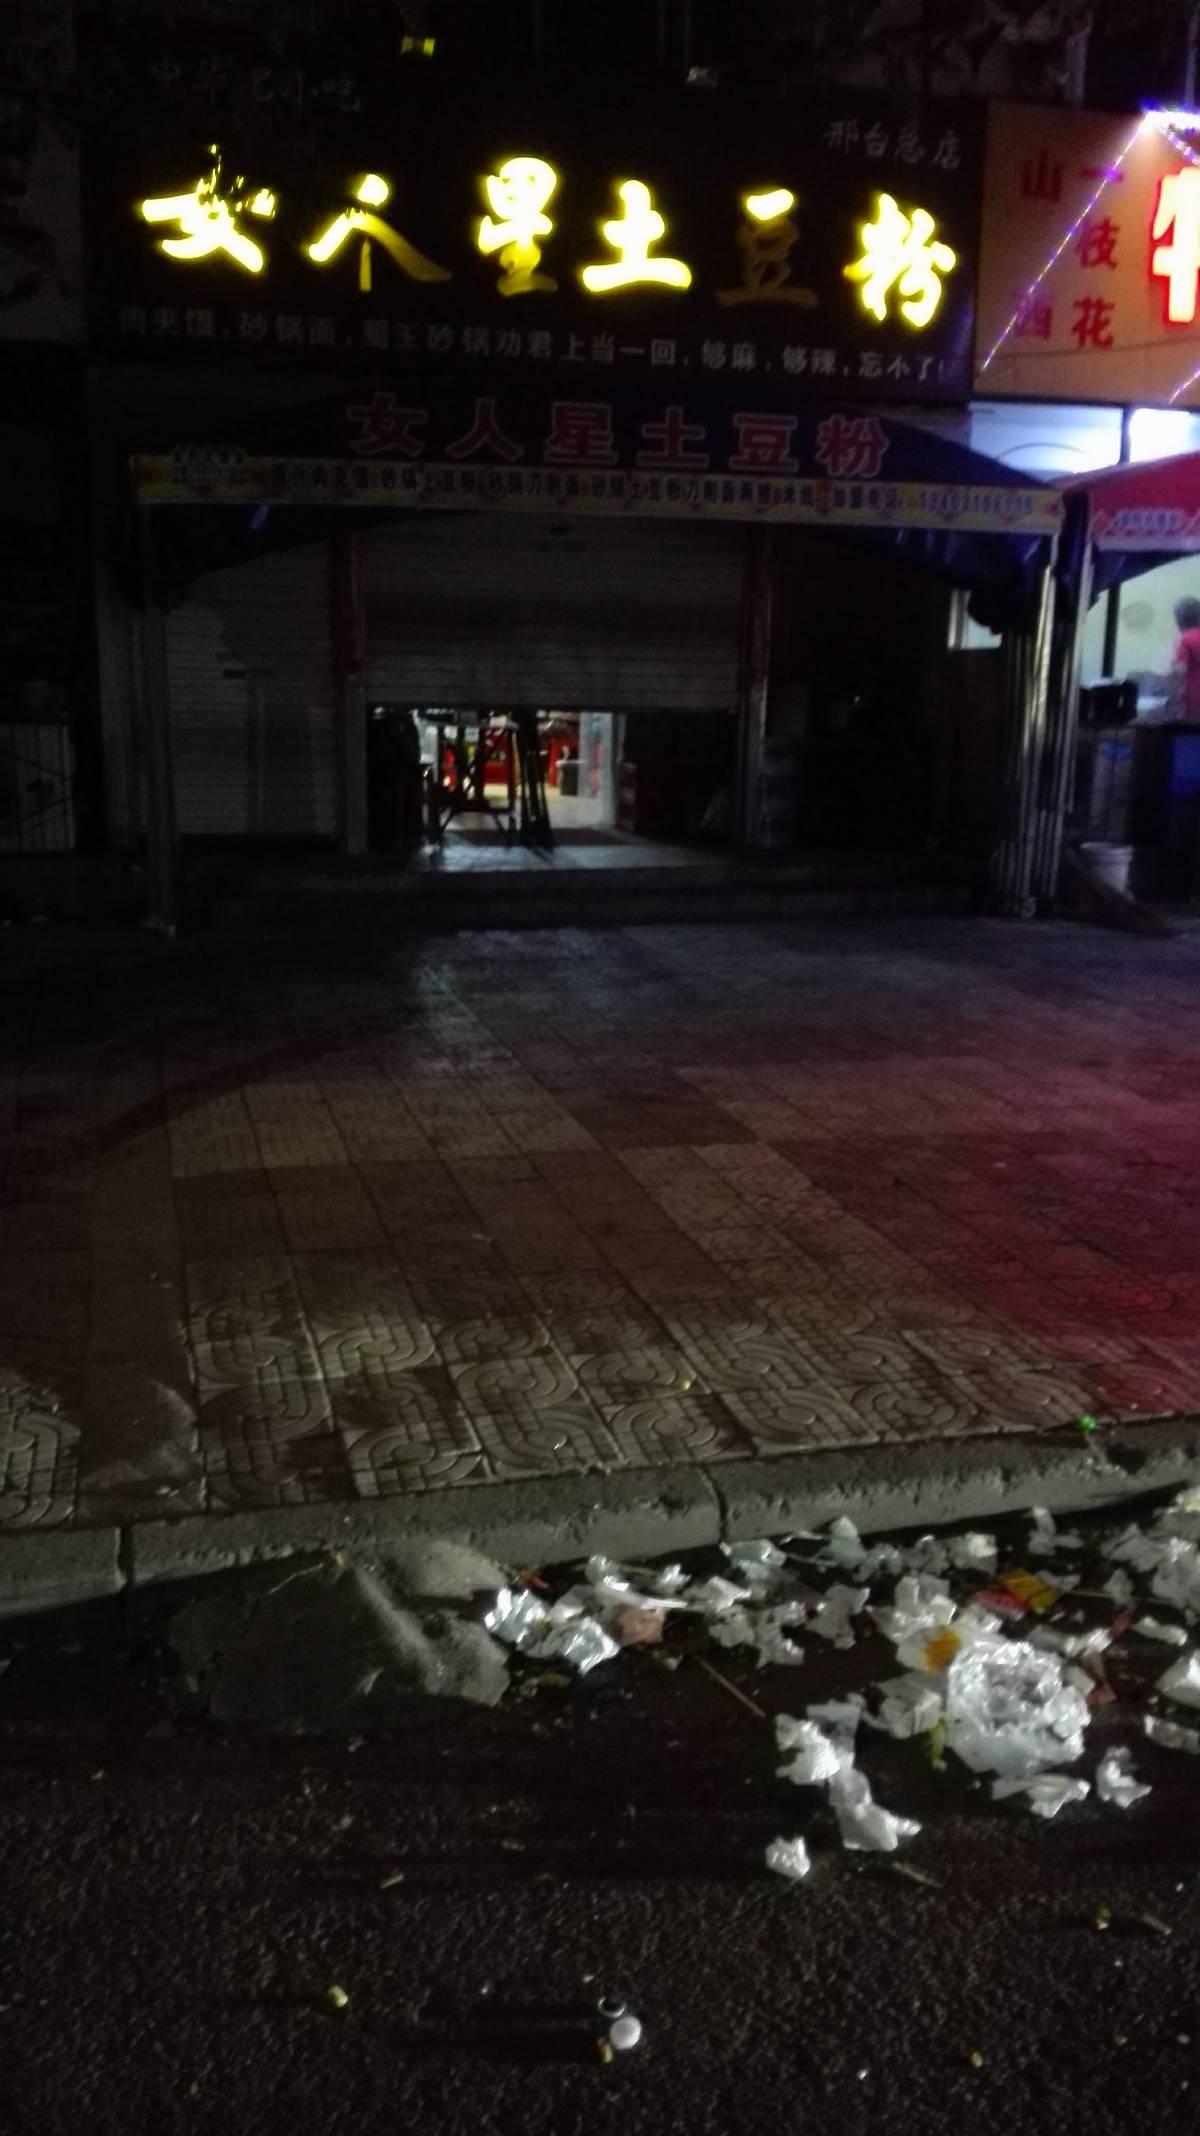 收彩礼_邢台123:污染街道给环卫增加负担的正是这些红火的路边小饭店!